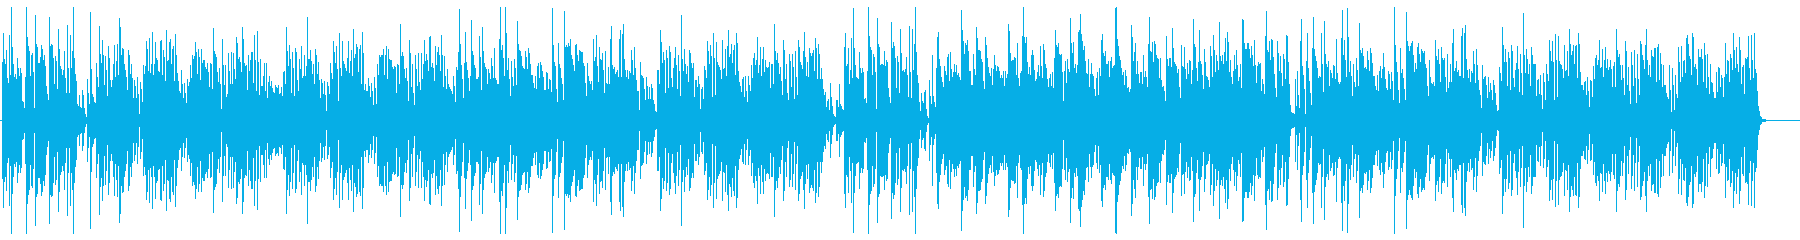 かわいいボサノバ風ポップスの再生済みの波形